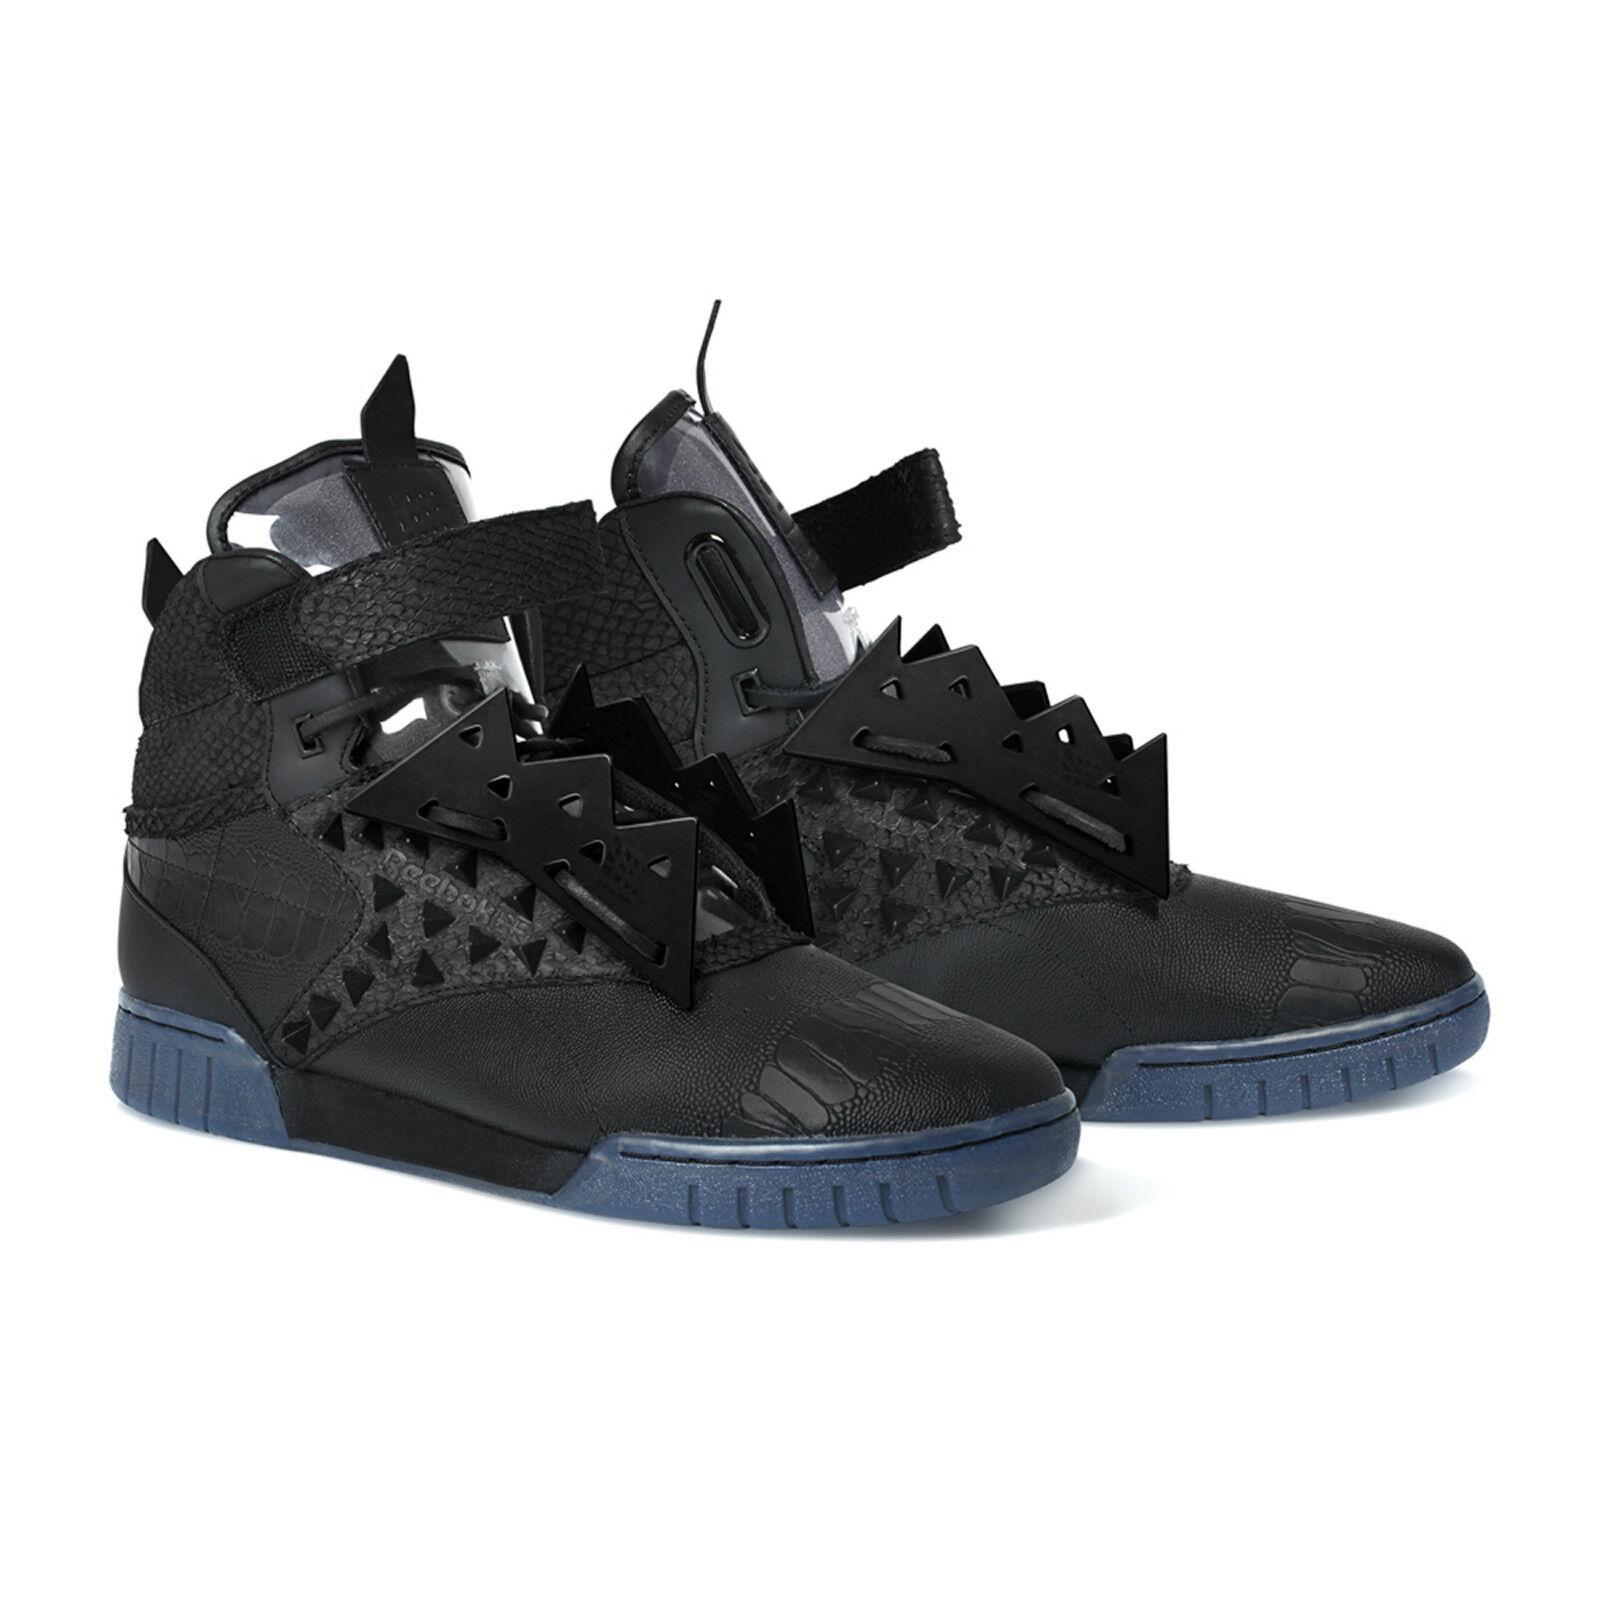 GR BNIB Mens Reebok EXO Fit Hi X Clean PM Patrick Mohr Trainers Boots Mid BK